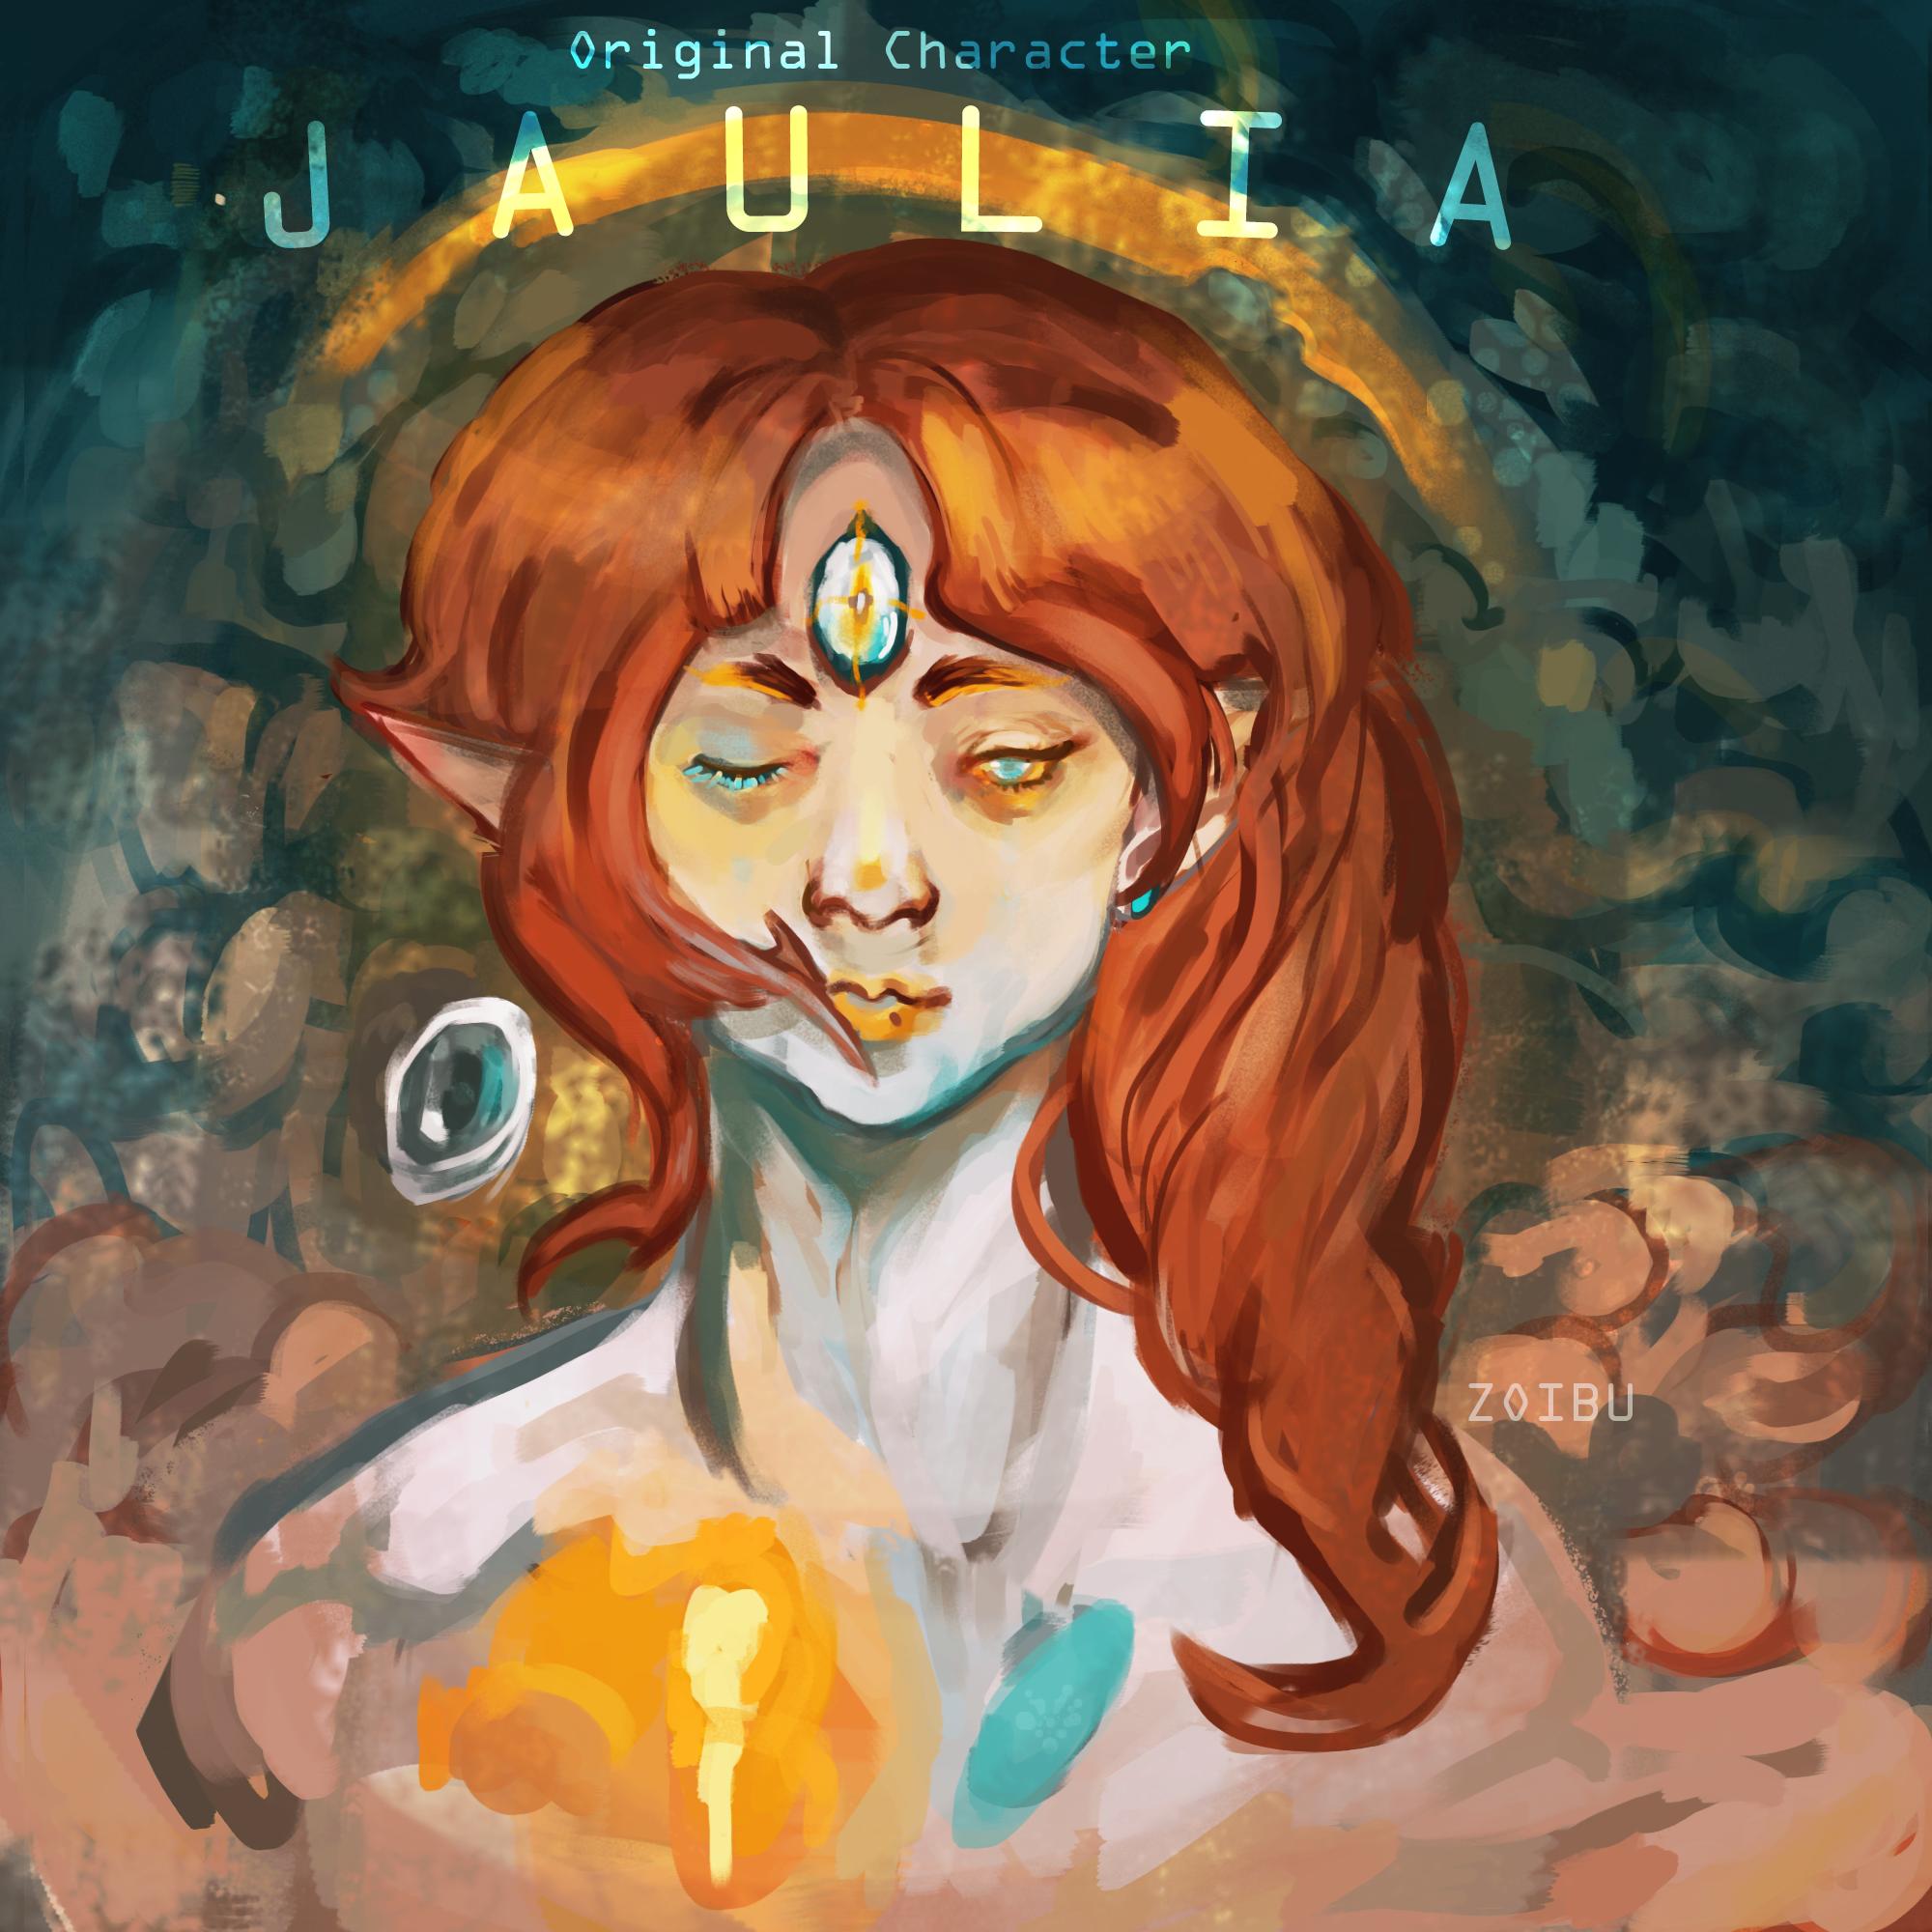 Jaulia (oc)